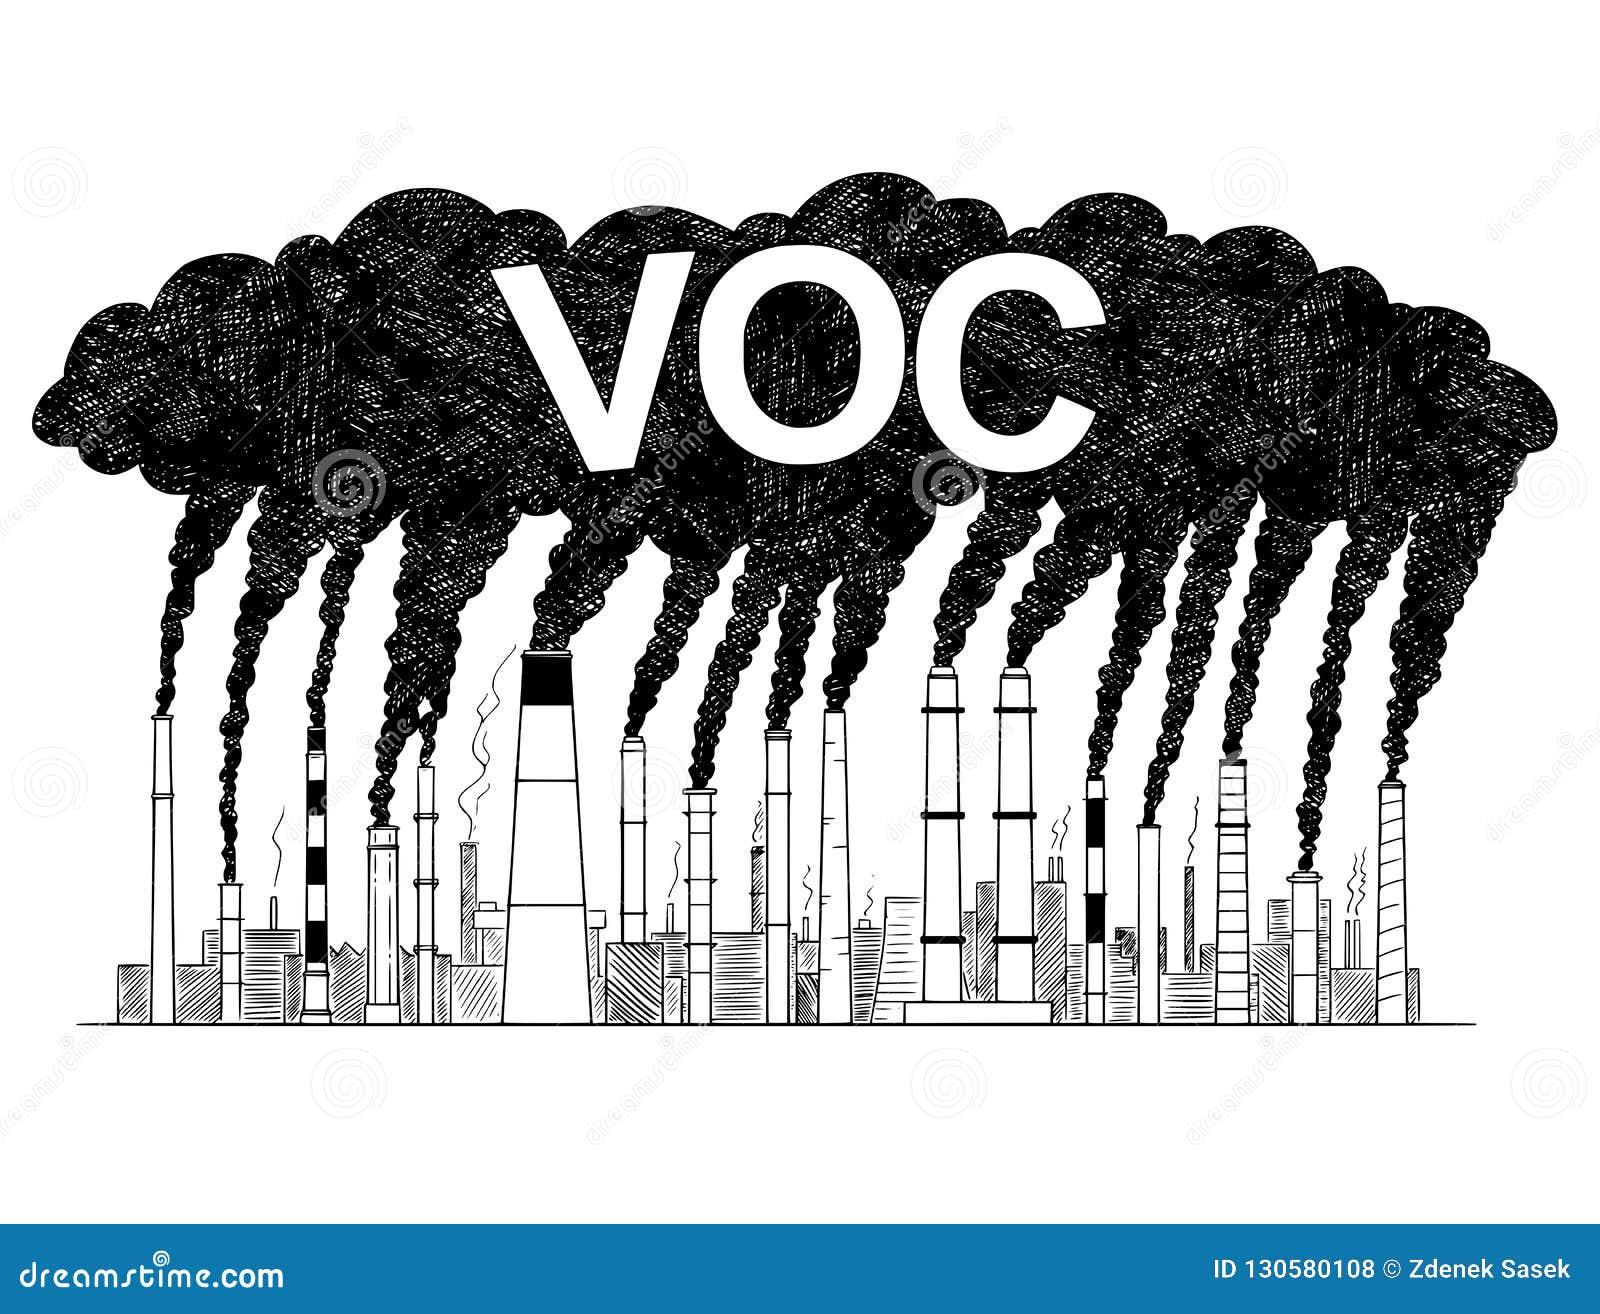 抽烟的烟窗的传染媒介艺术性的画的例证,产业生产的挥发性有机化合物的概念